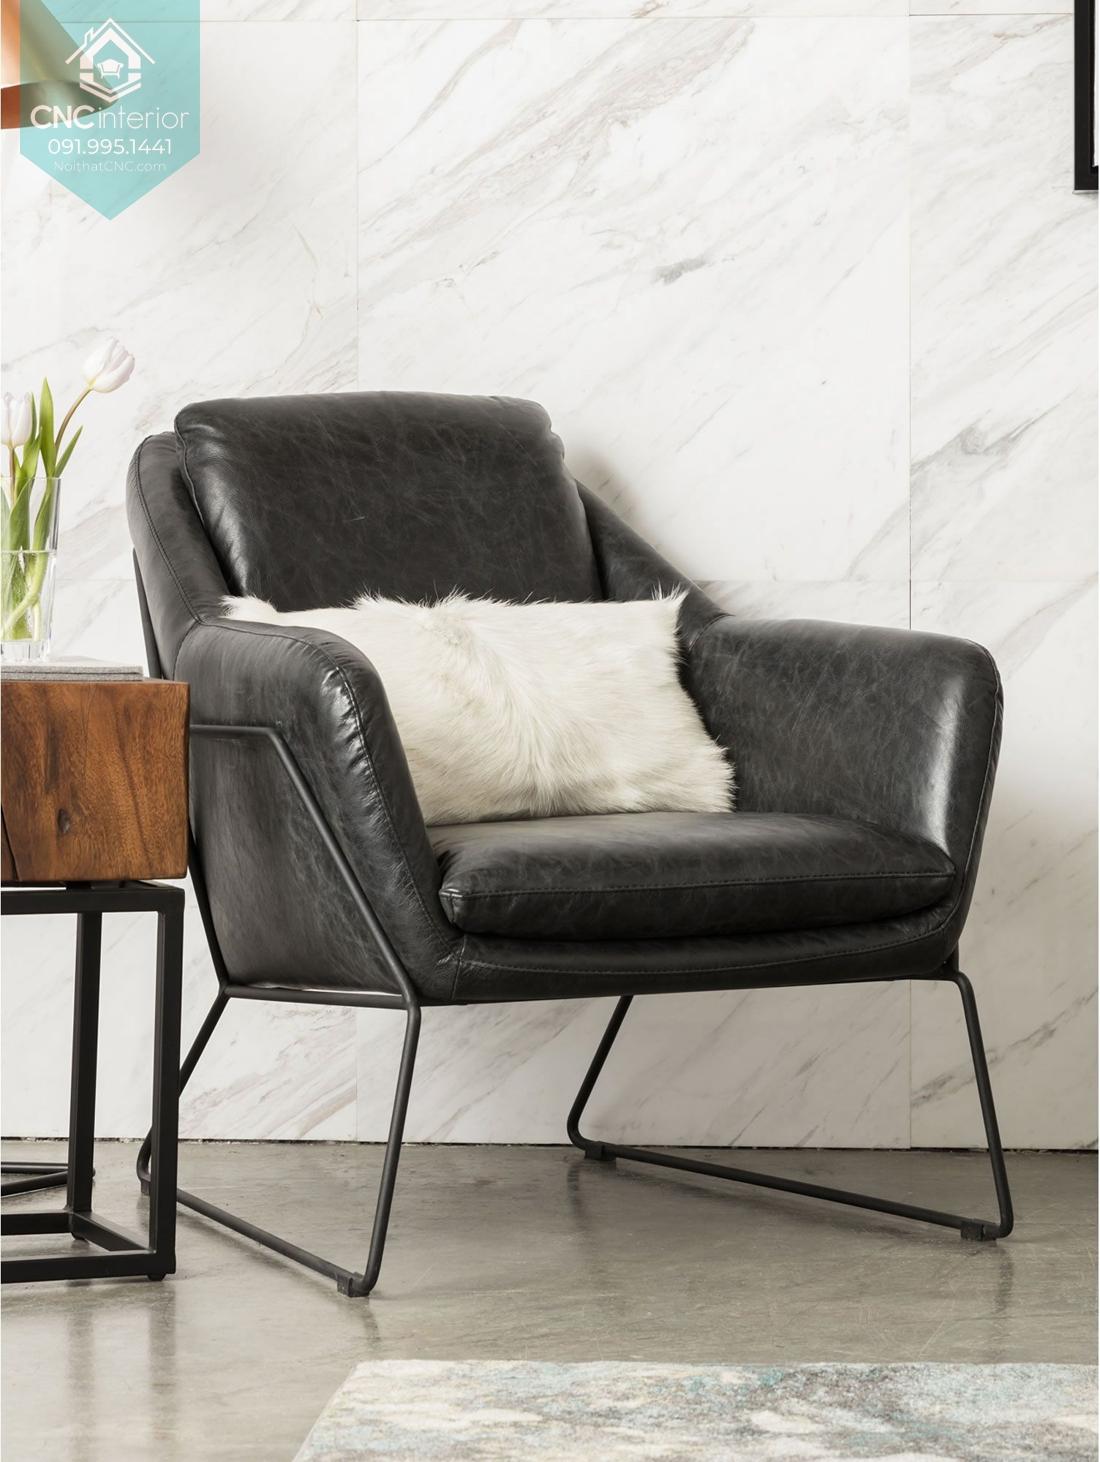 Sofa đen sang trọng kết hợp với chân kim loại thanh mảnh nhẹ nhàng